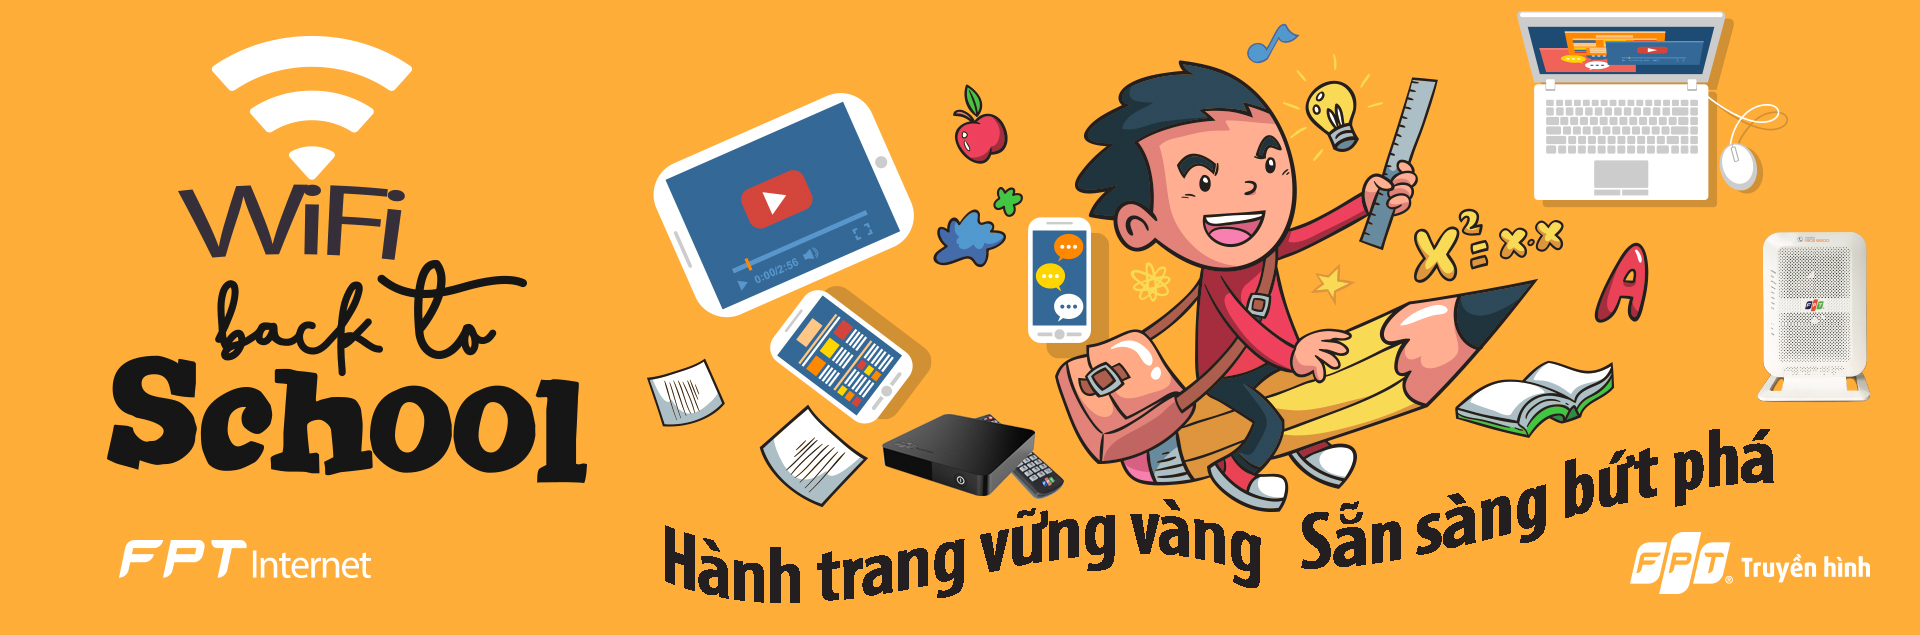 Lắp Mạng FPT, Cáp Quang FPT